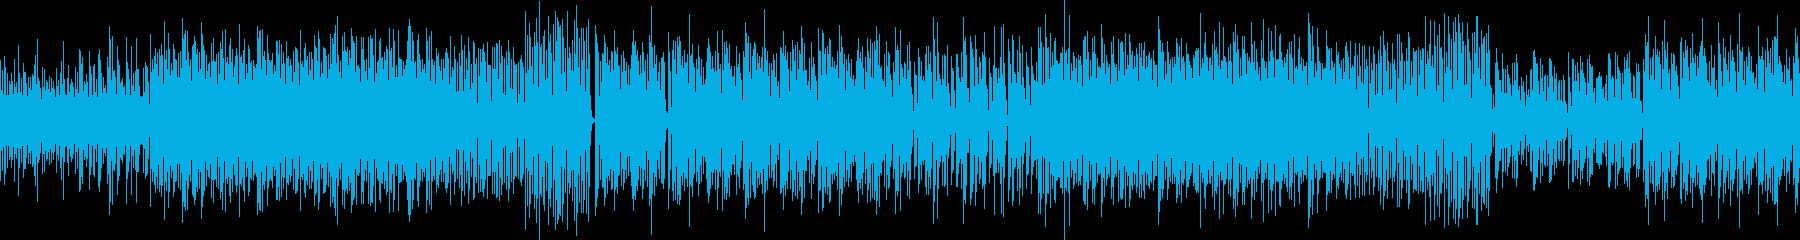 レトロゲームをイメージ 電子音 ループの再生済みの波形